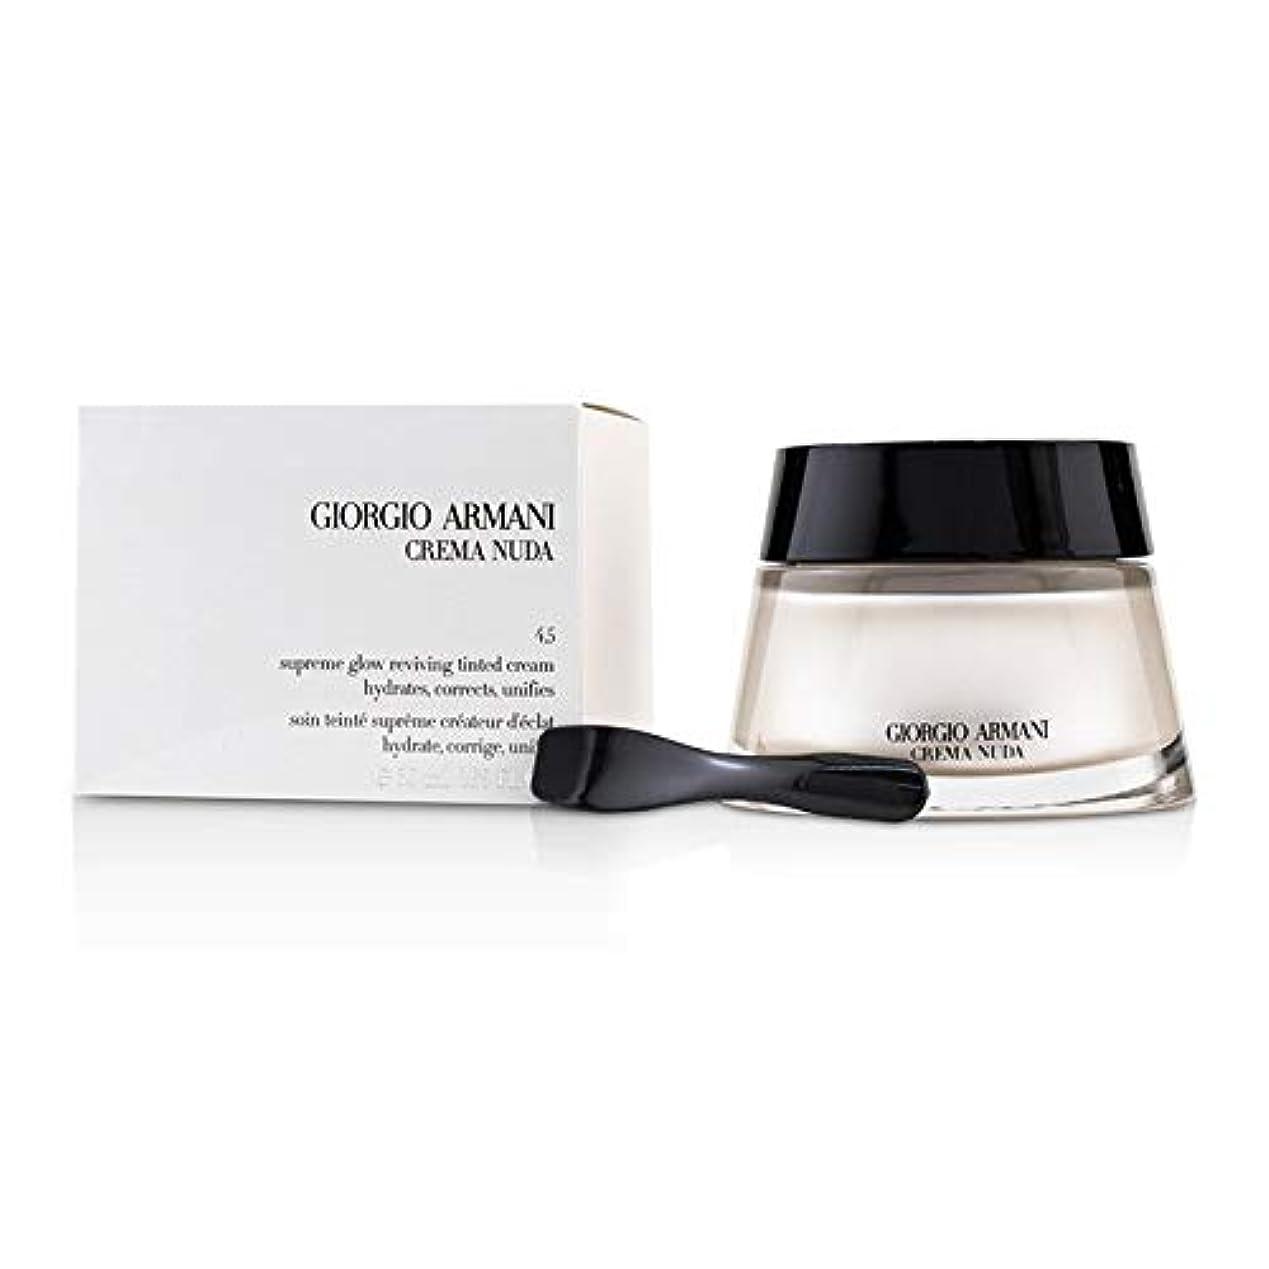 家族部屋を掃除する船尾ジョルジオアルマーニ Crema Nuda Supreme Glow Reviving Tinted Cream - # 4.5 Universal Glow 50ml/1.69oz並行輸入品